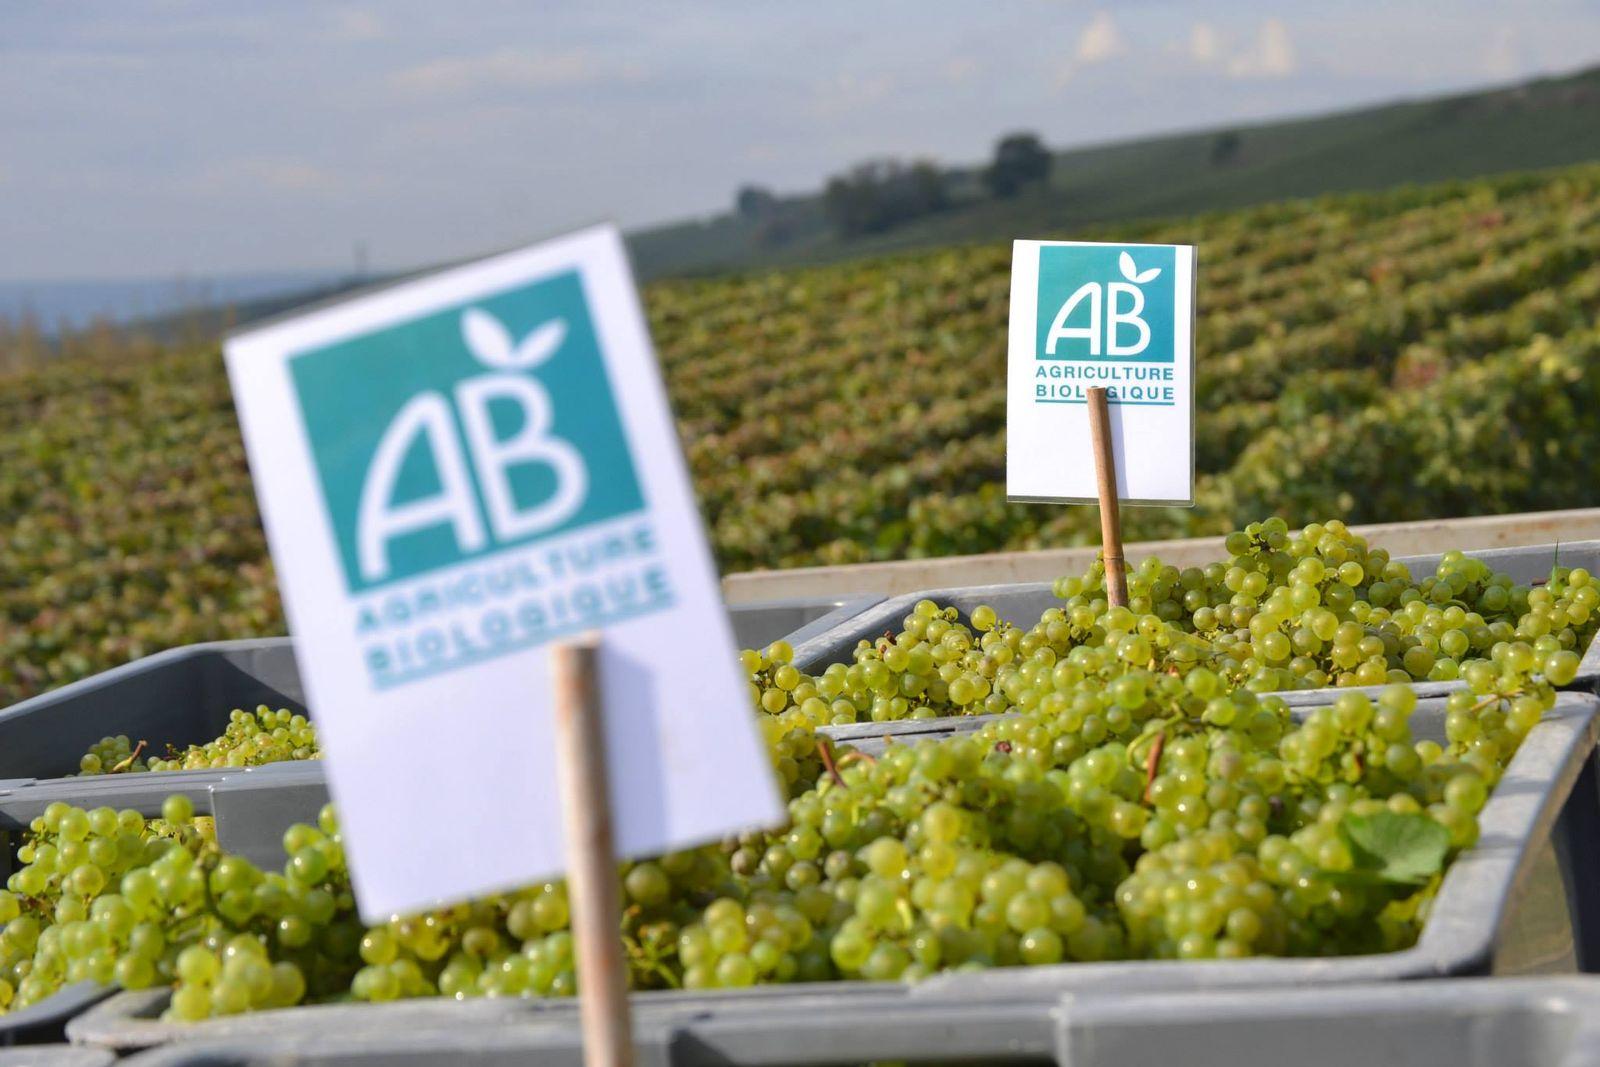 Nos raisins Chardonnay 51G472 - La maison du vigneron - Vincelles - Gîtes de France Marne